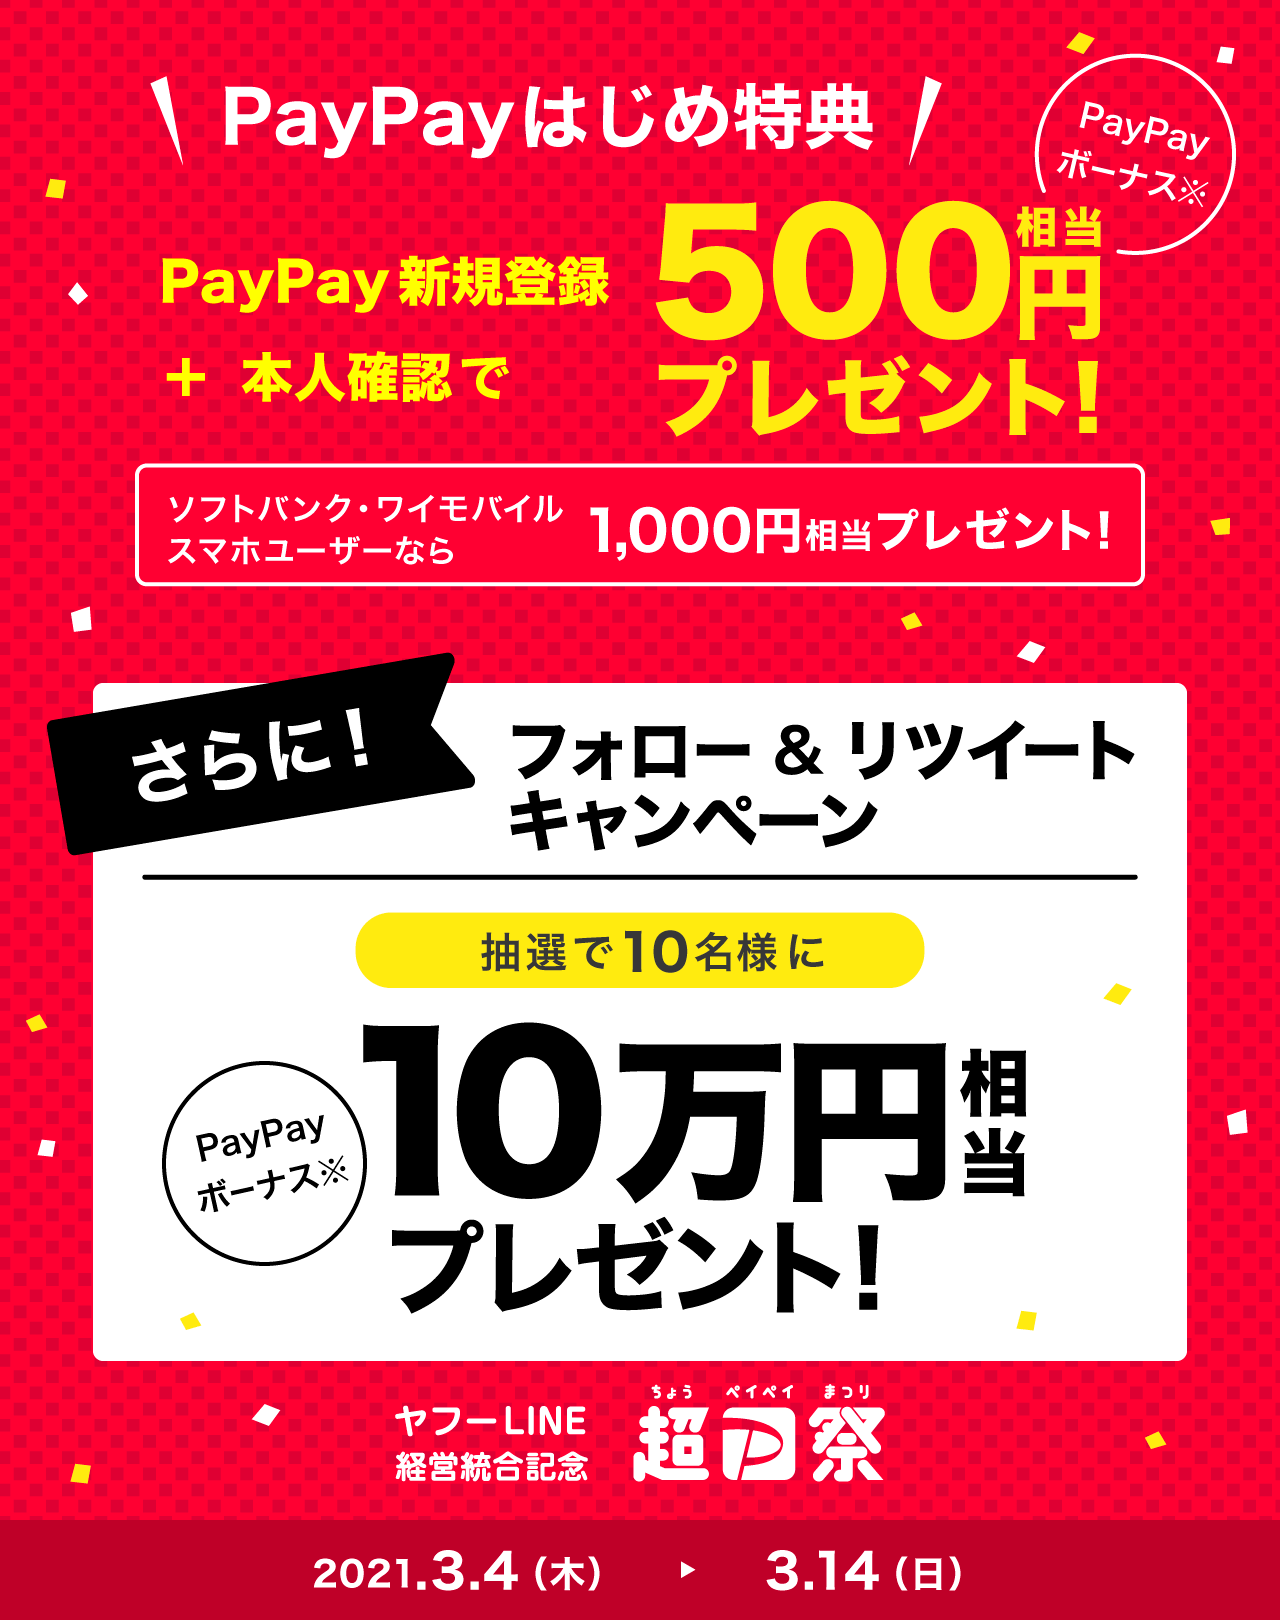 PayPayはじめ特典 PayPay新規登録+本人確認でPayPayボーナス500円相当プレゼント!さらにフォロー&リツイートキャンペーン 抽選で10名様にPayPayボーナス10万円相当プレゼント!